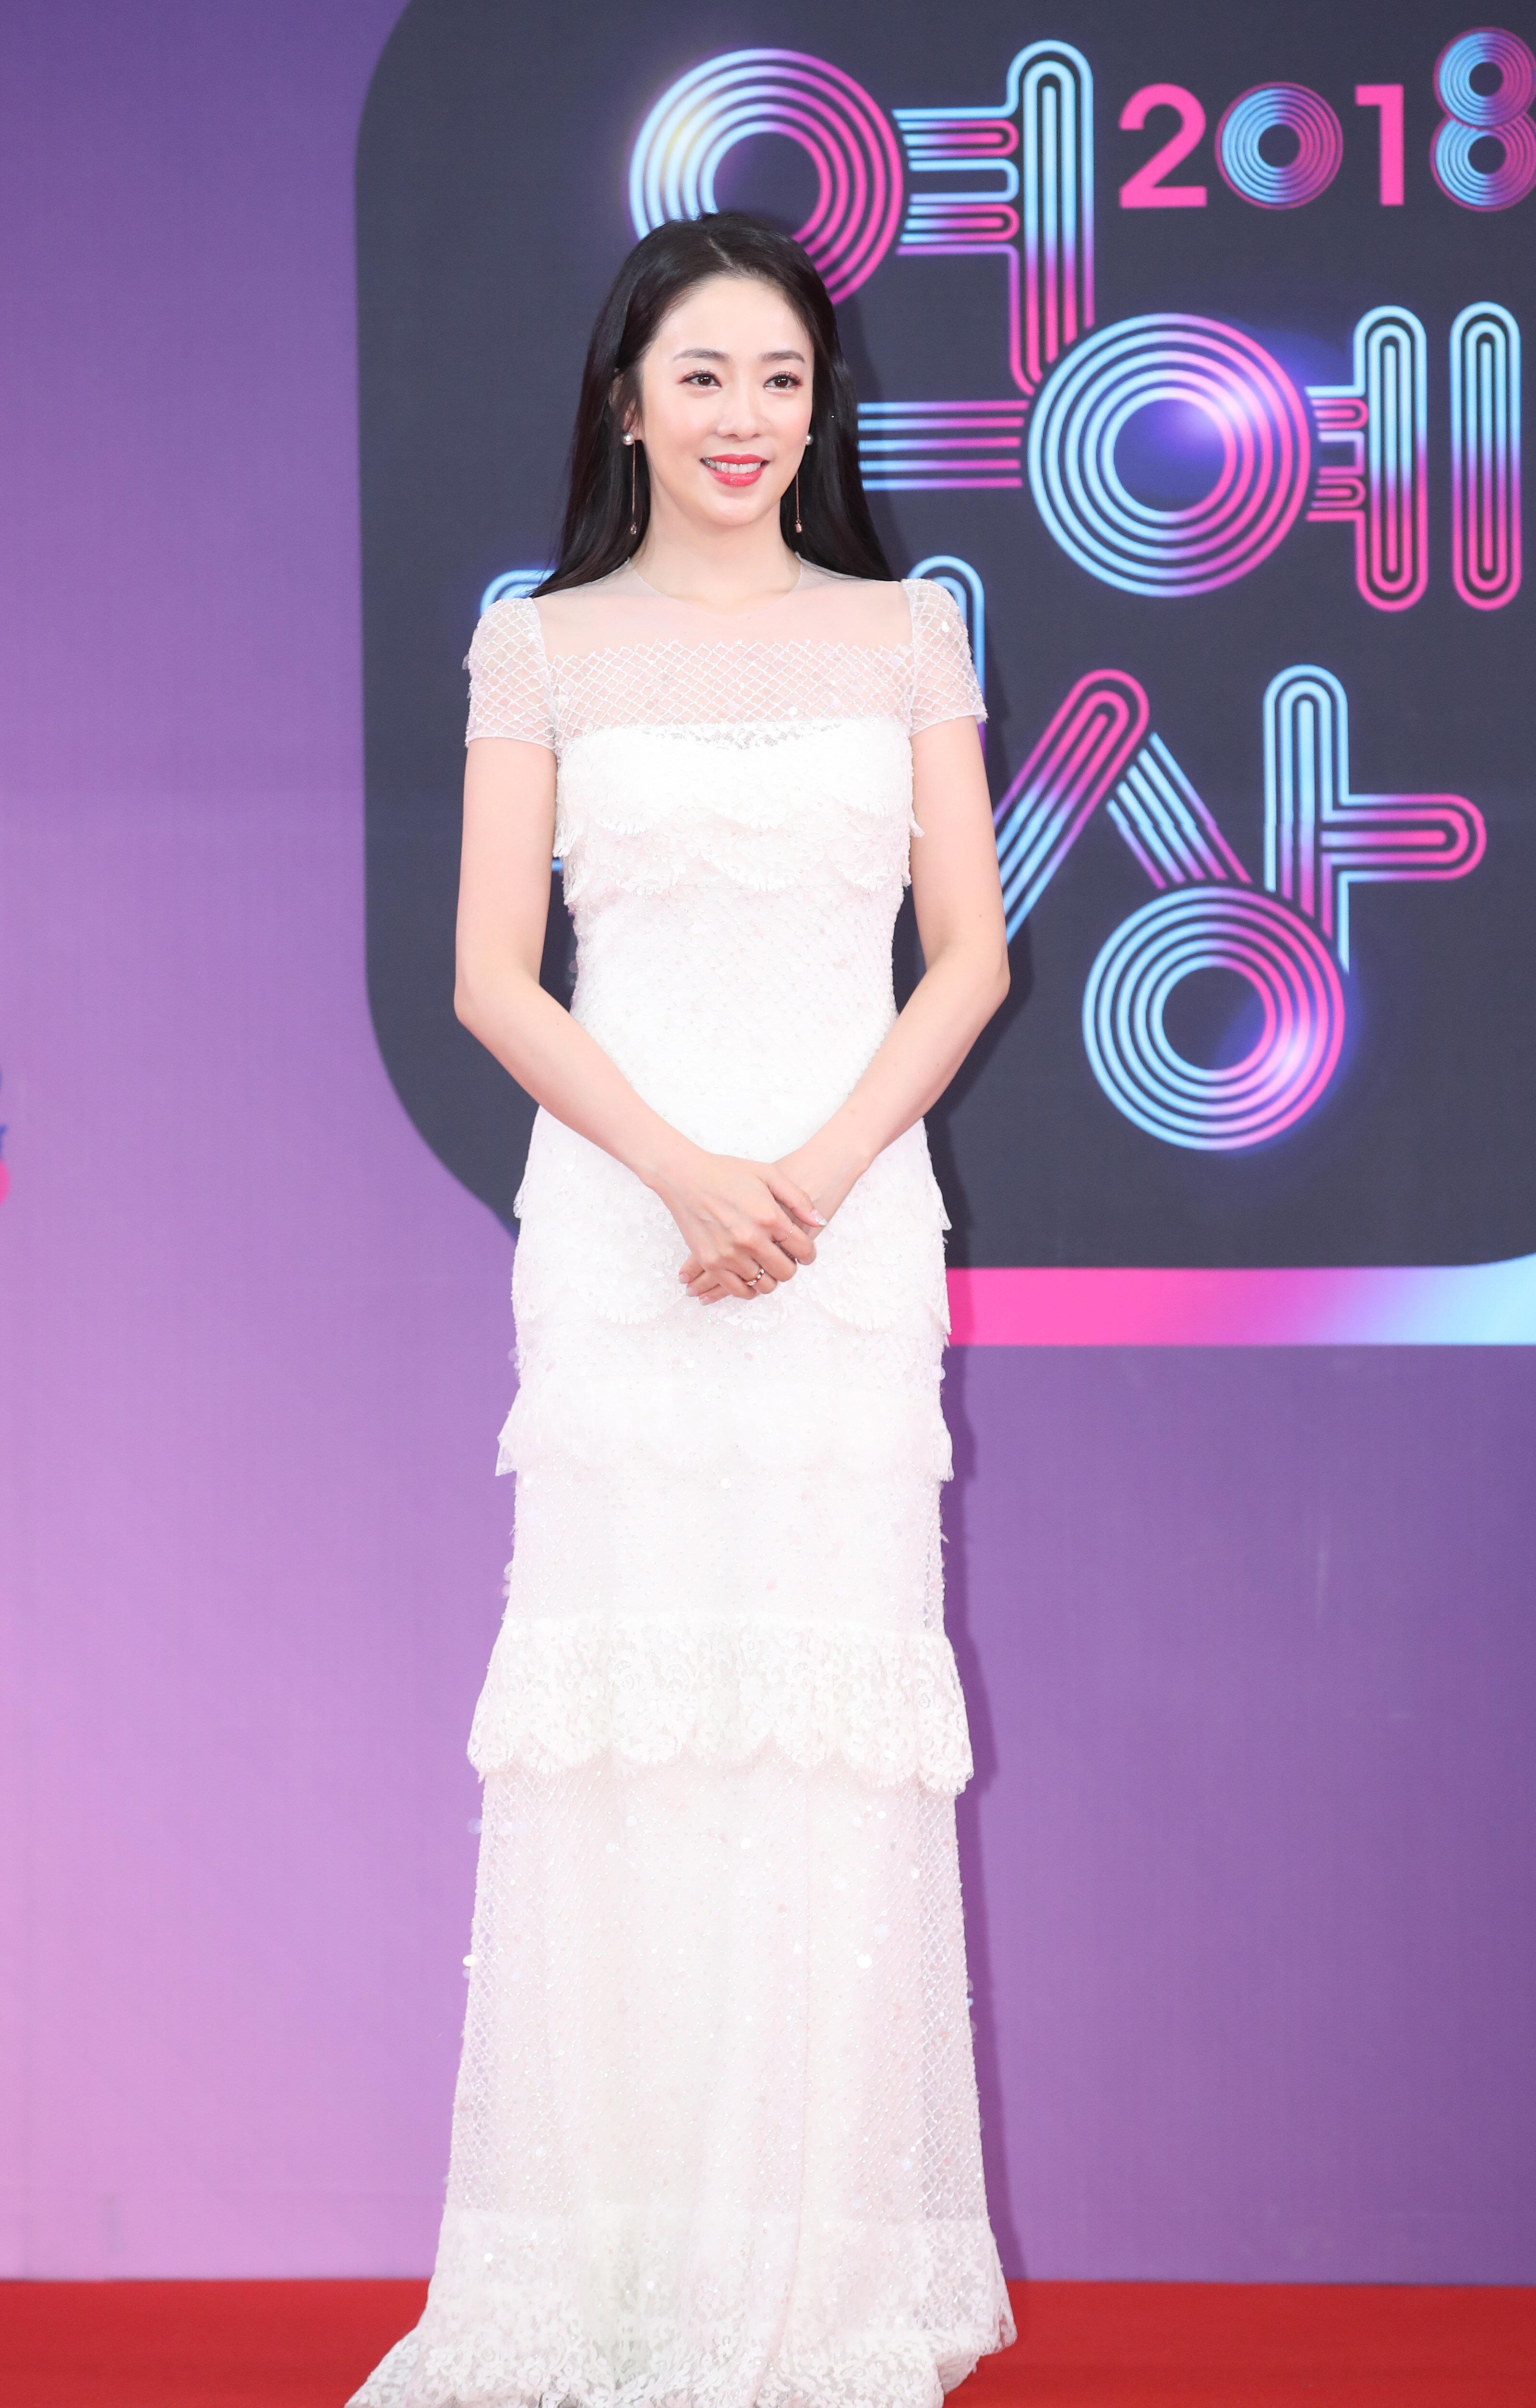 박은영 KBS 아나운서가 라디오 생방에서 결혼 소감을